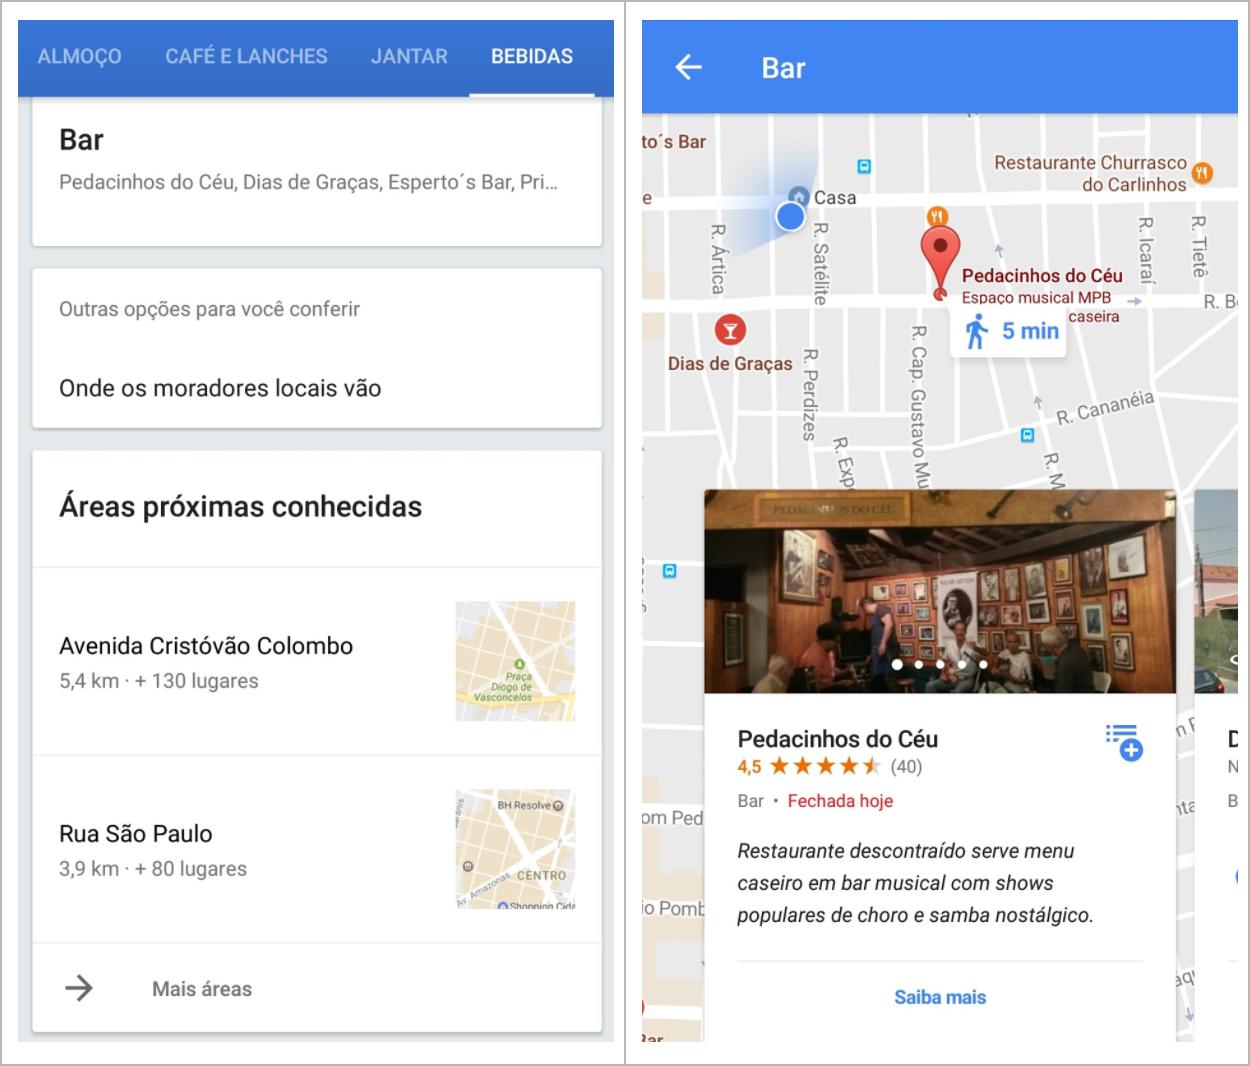 Tela com abas de serviços na localidade e tela de detalhes de locais com o serviço selecionado